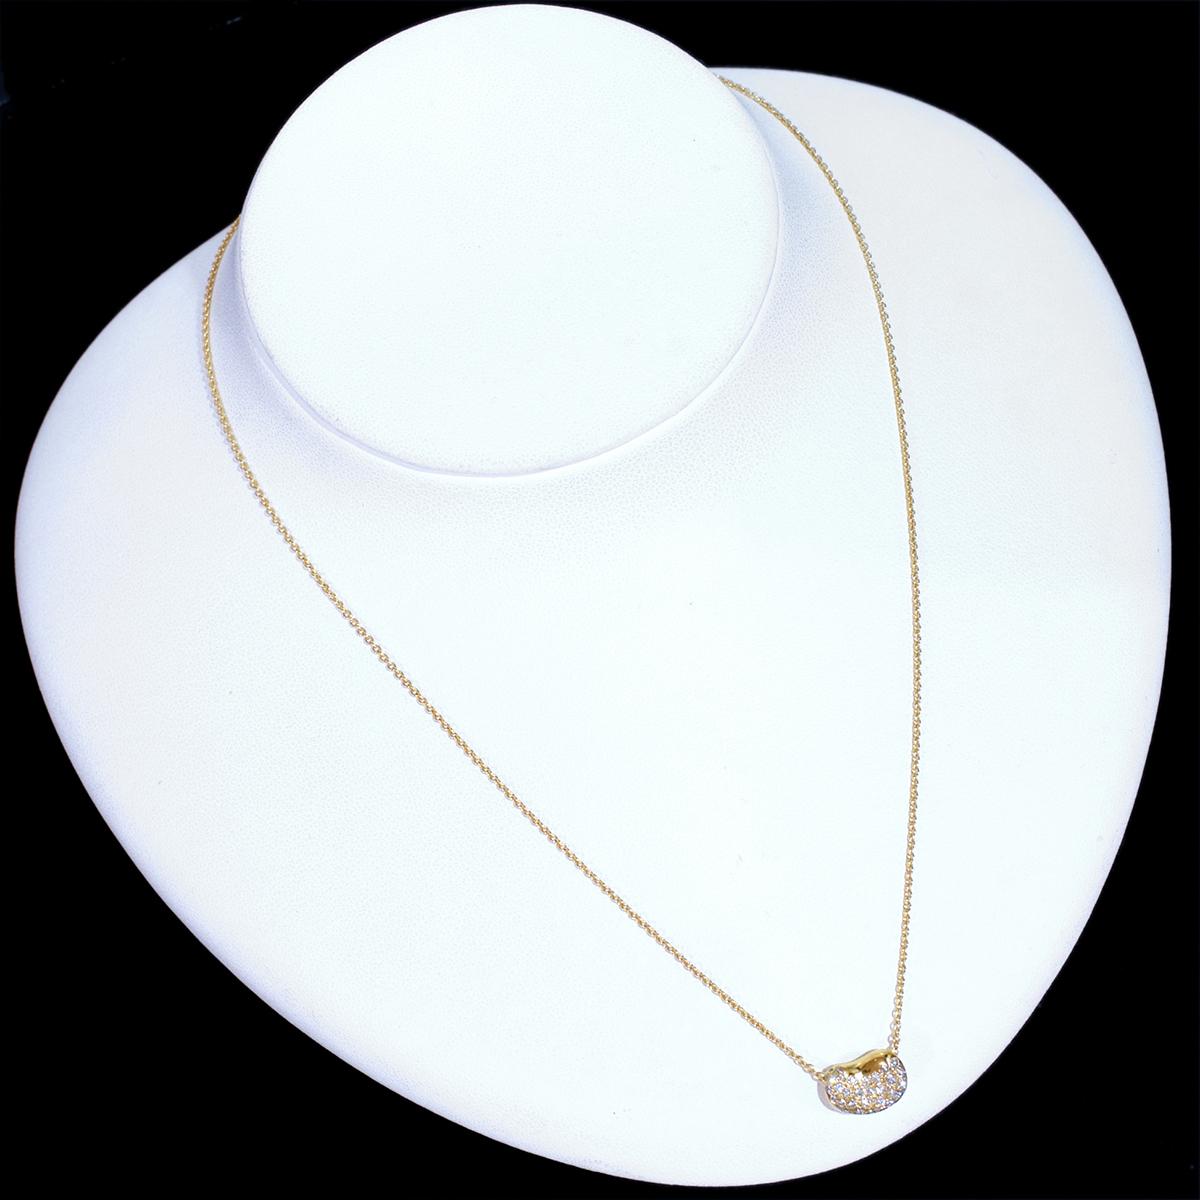 E8903【TIFFANY&Co.】ティファニー ビーン 天然絶品ダイヤモンド 最高級18金無垢ネックレス 長さ40.5cm 重量3.06g 幅7.7×10.7mm_画像3